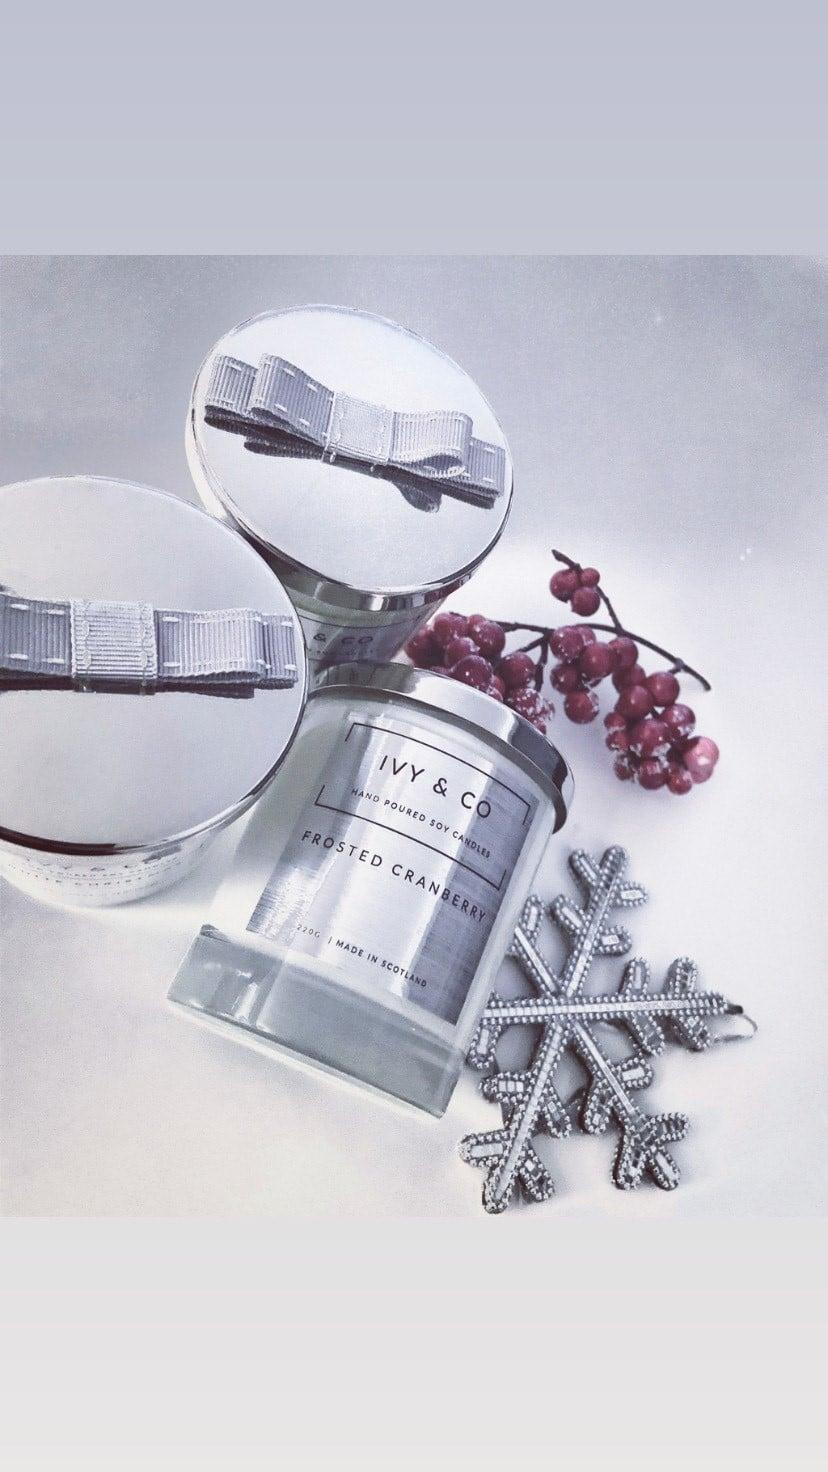 Boho's Christmas Gift Guide #3 – 11th December